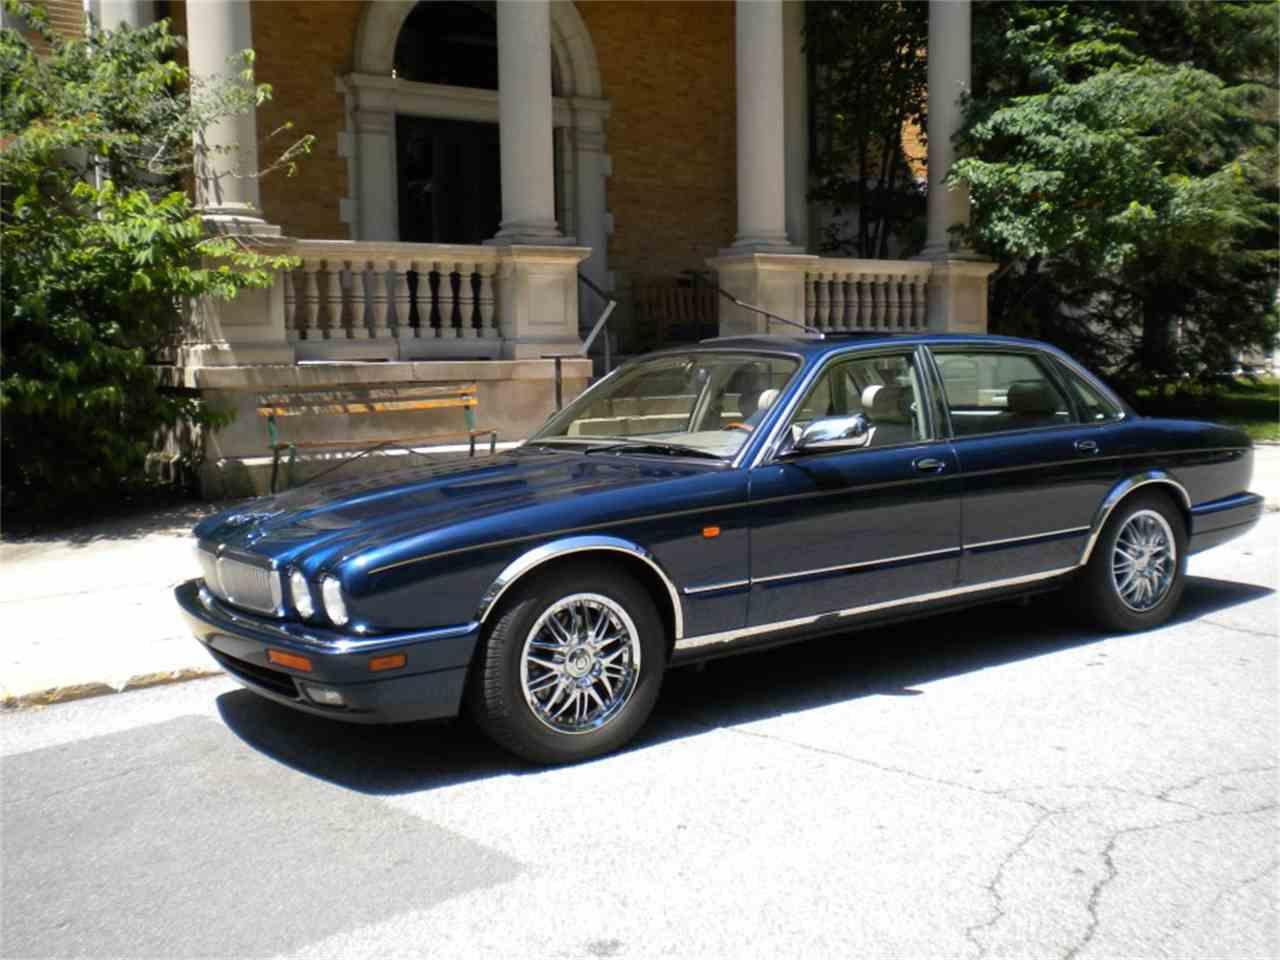 1995 Jaguar XJ6 for Sale | ClassicCars.com | CC-970726